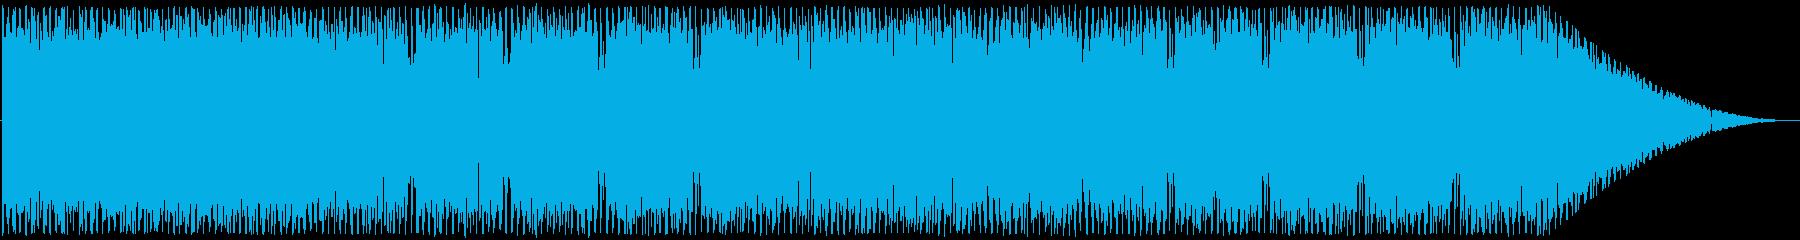 ファミコンパニック曲。の再生済みの波形